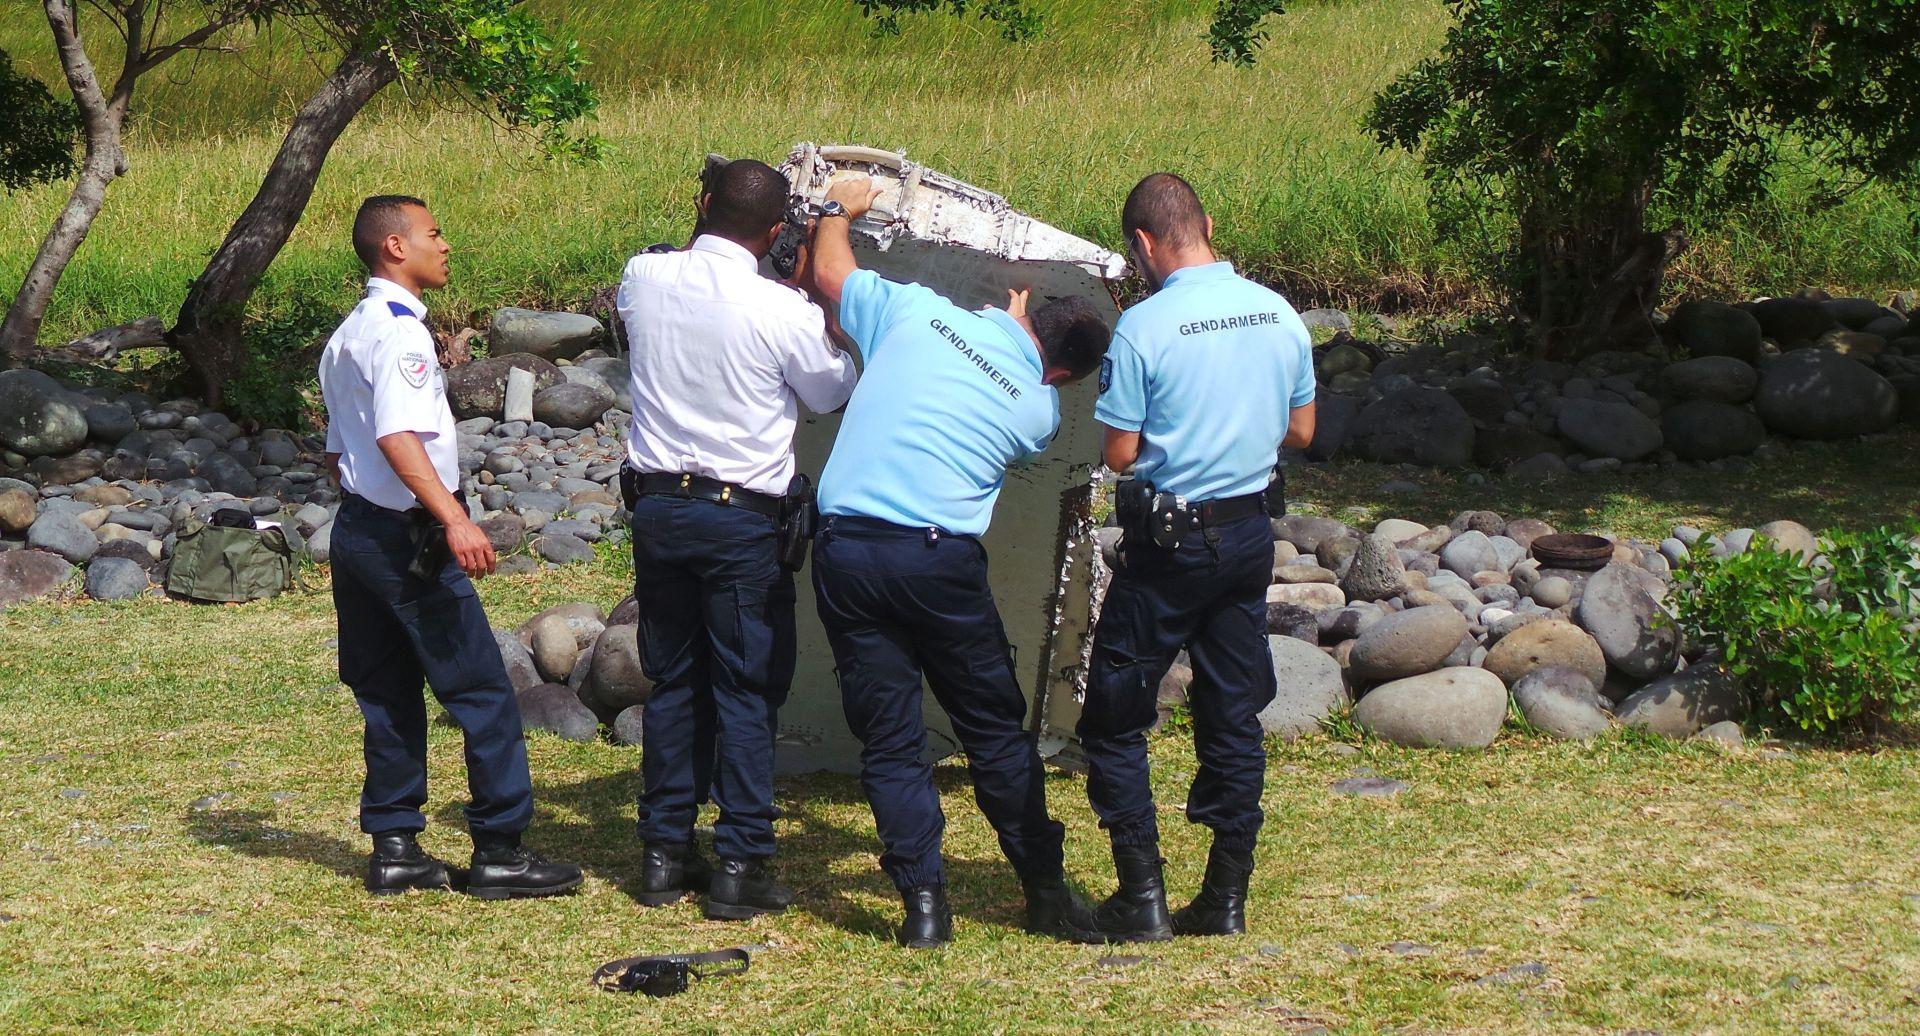 SLIJEPA ULICA Još uvijek nije dokazano je li krhotina sa Reuniona dio nestalog MH370